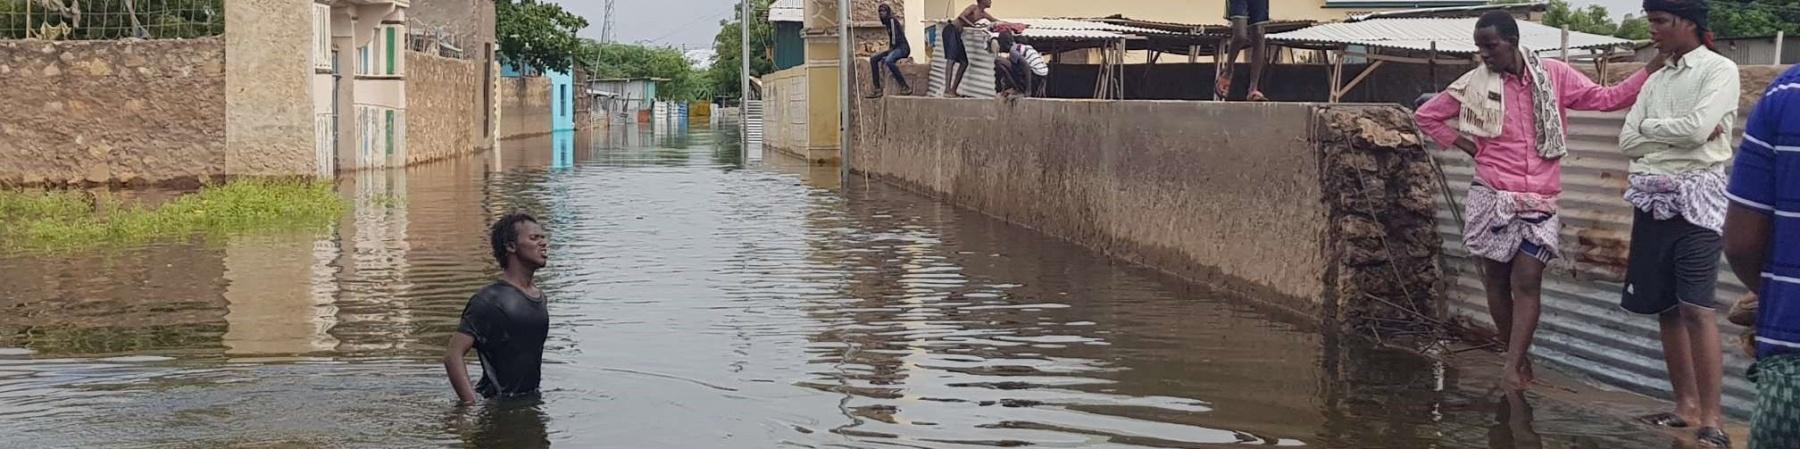 Ragazzo somalo cammina in strada completamente allegata